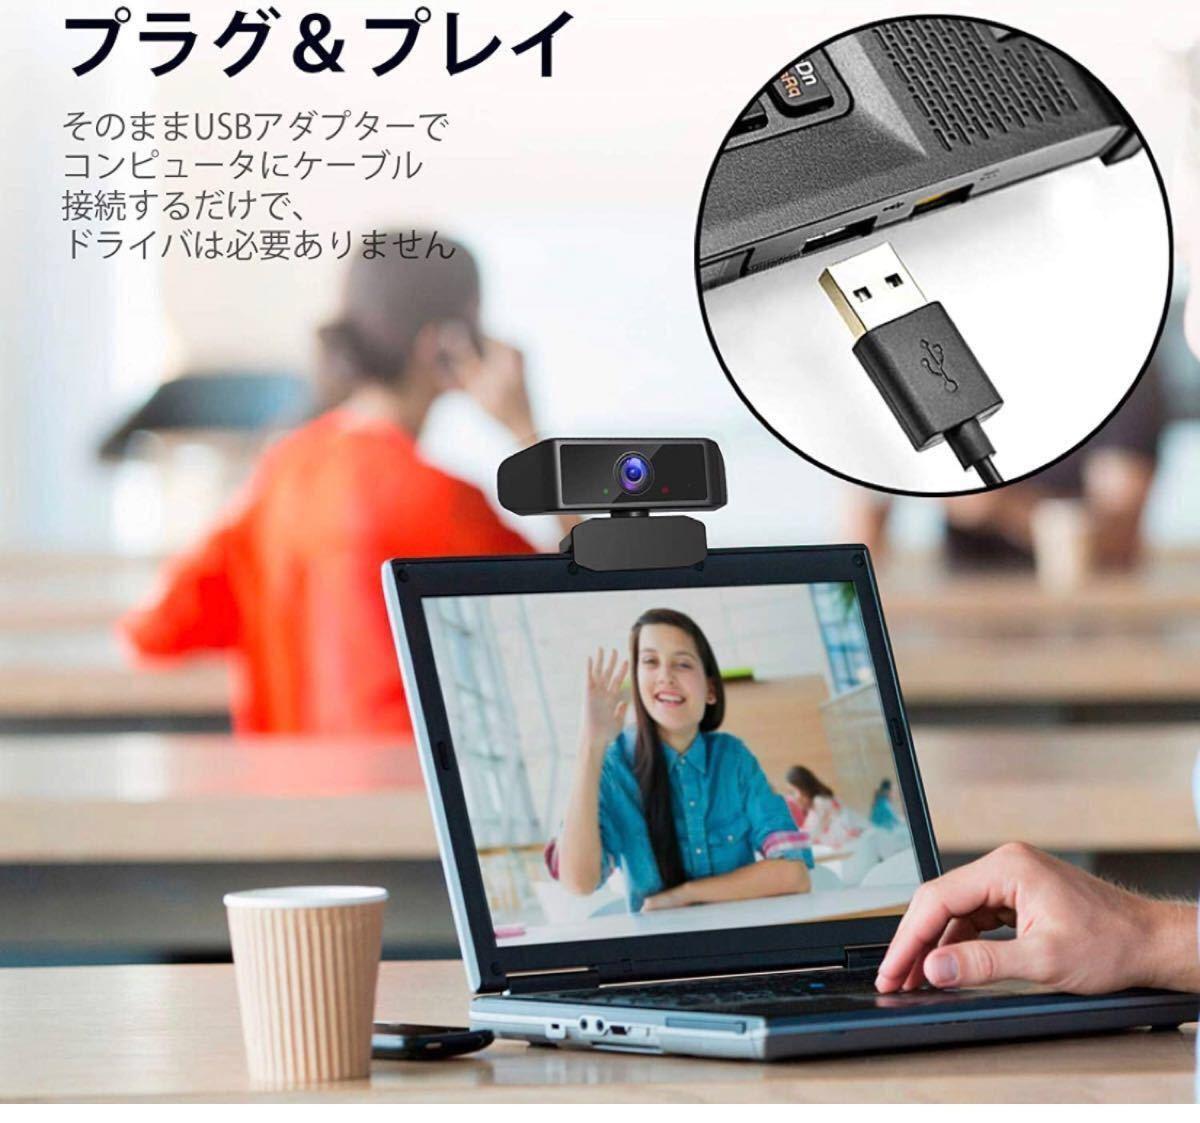 ウェブカメラ フルHD 1080P 30FPS 90°広角 高画質 200万画素 マイク内蔵 オートフォーカスWebカメラ USB